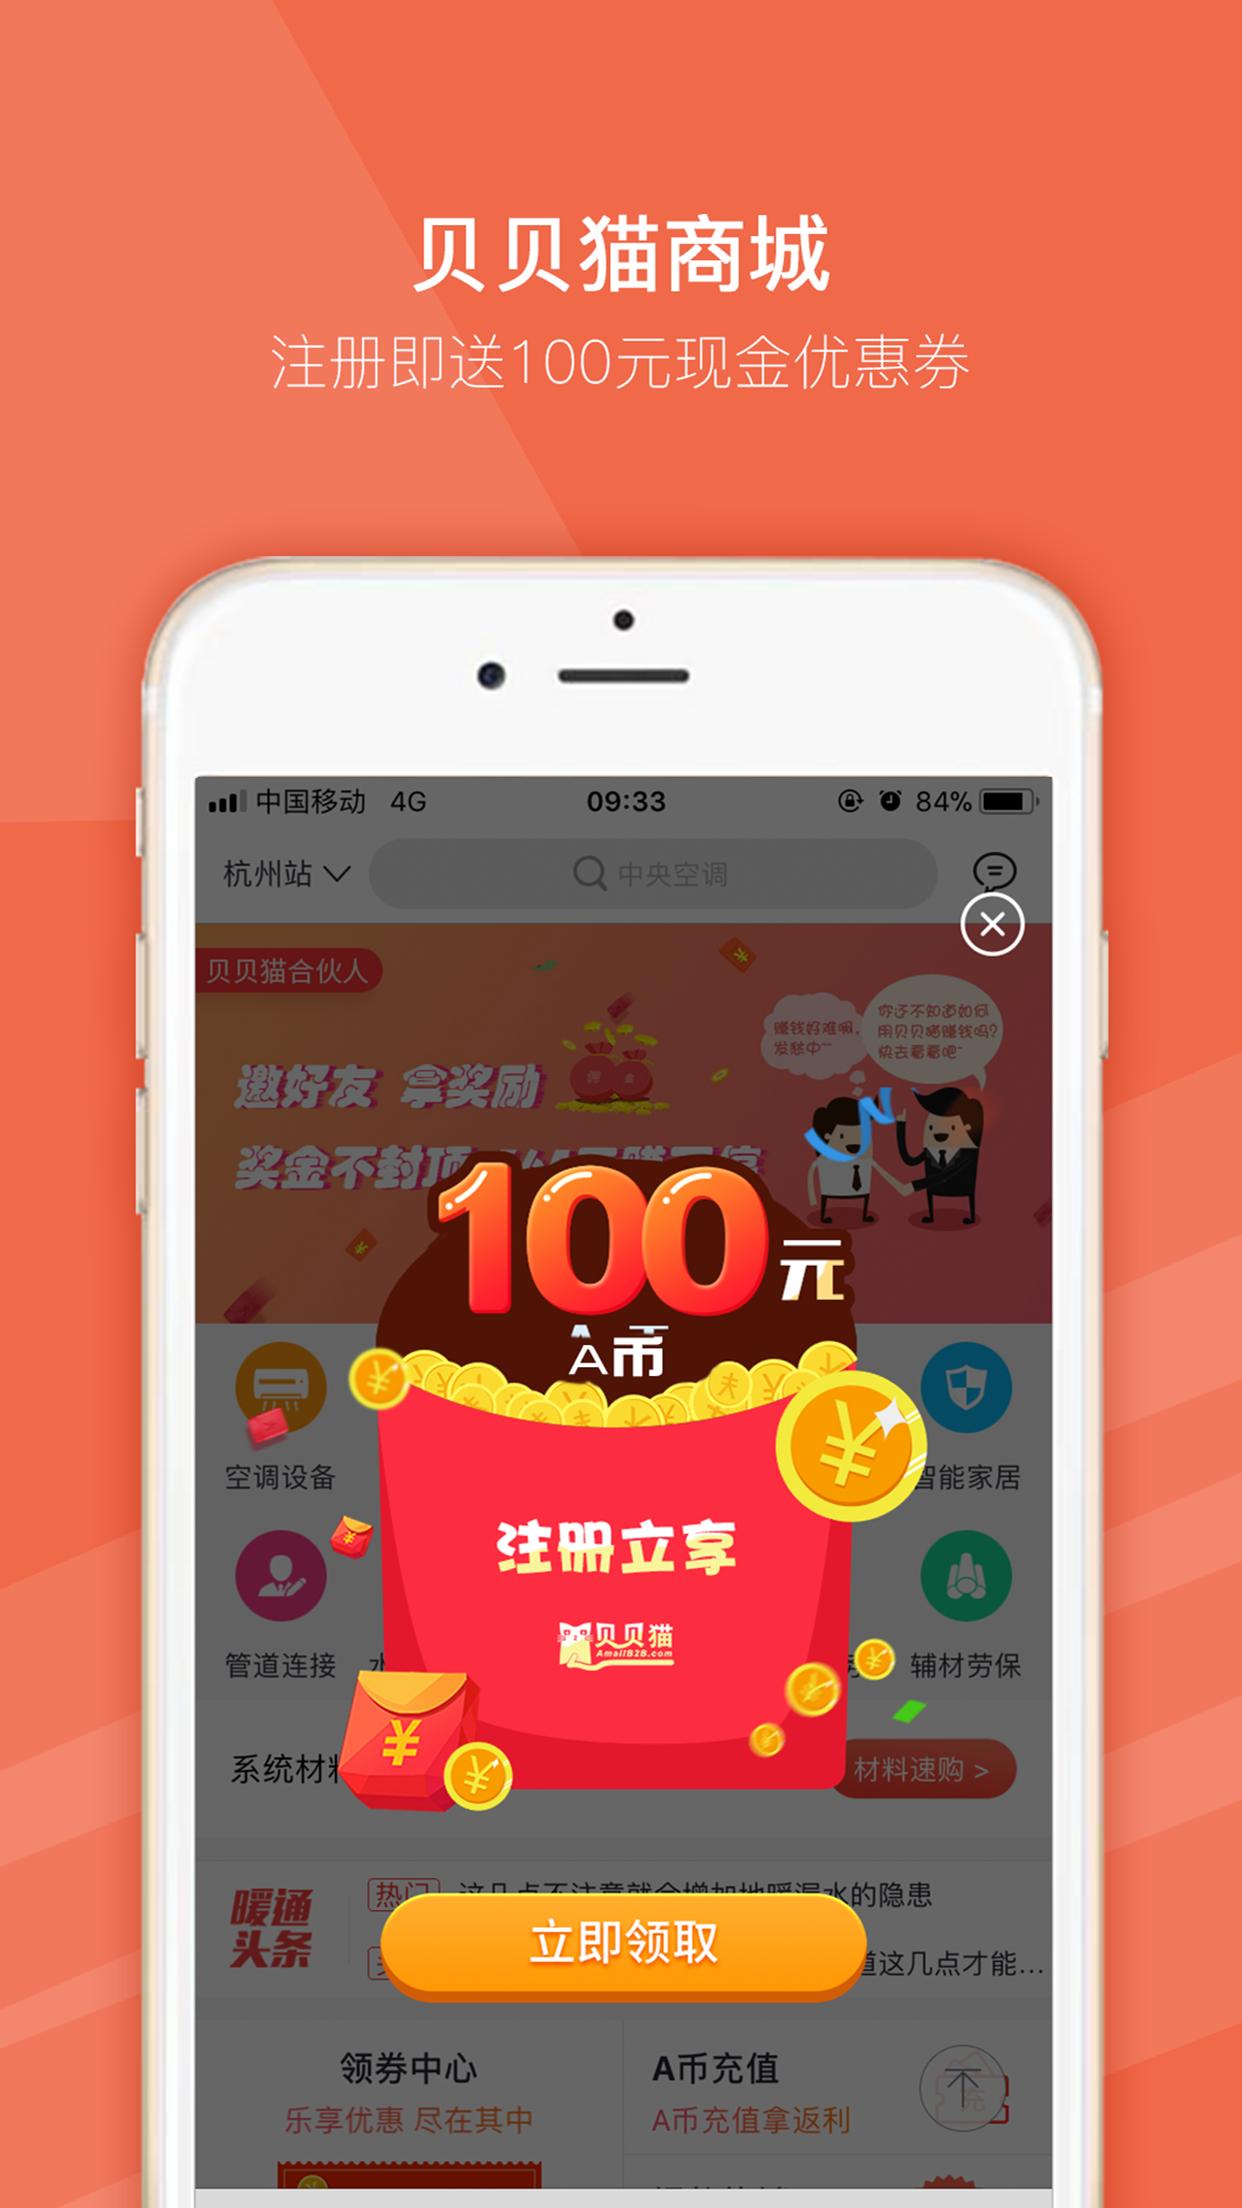 贝贝猫商城最新版app图1: